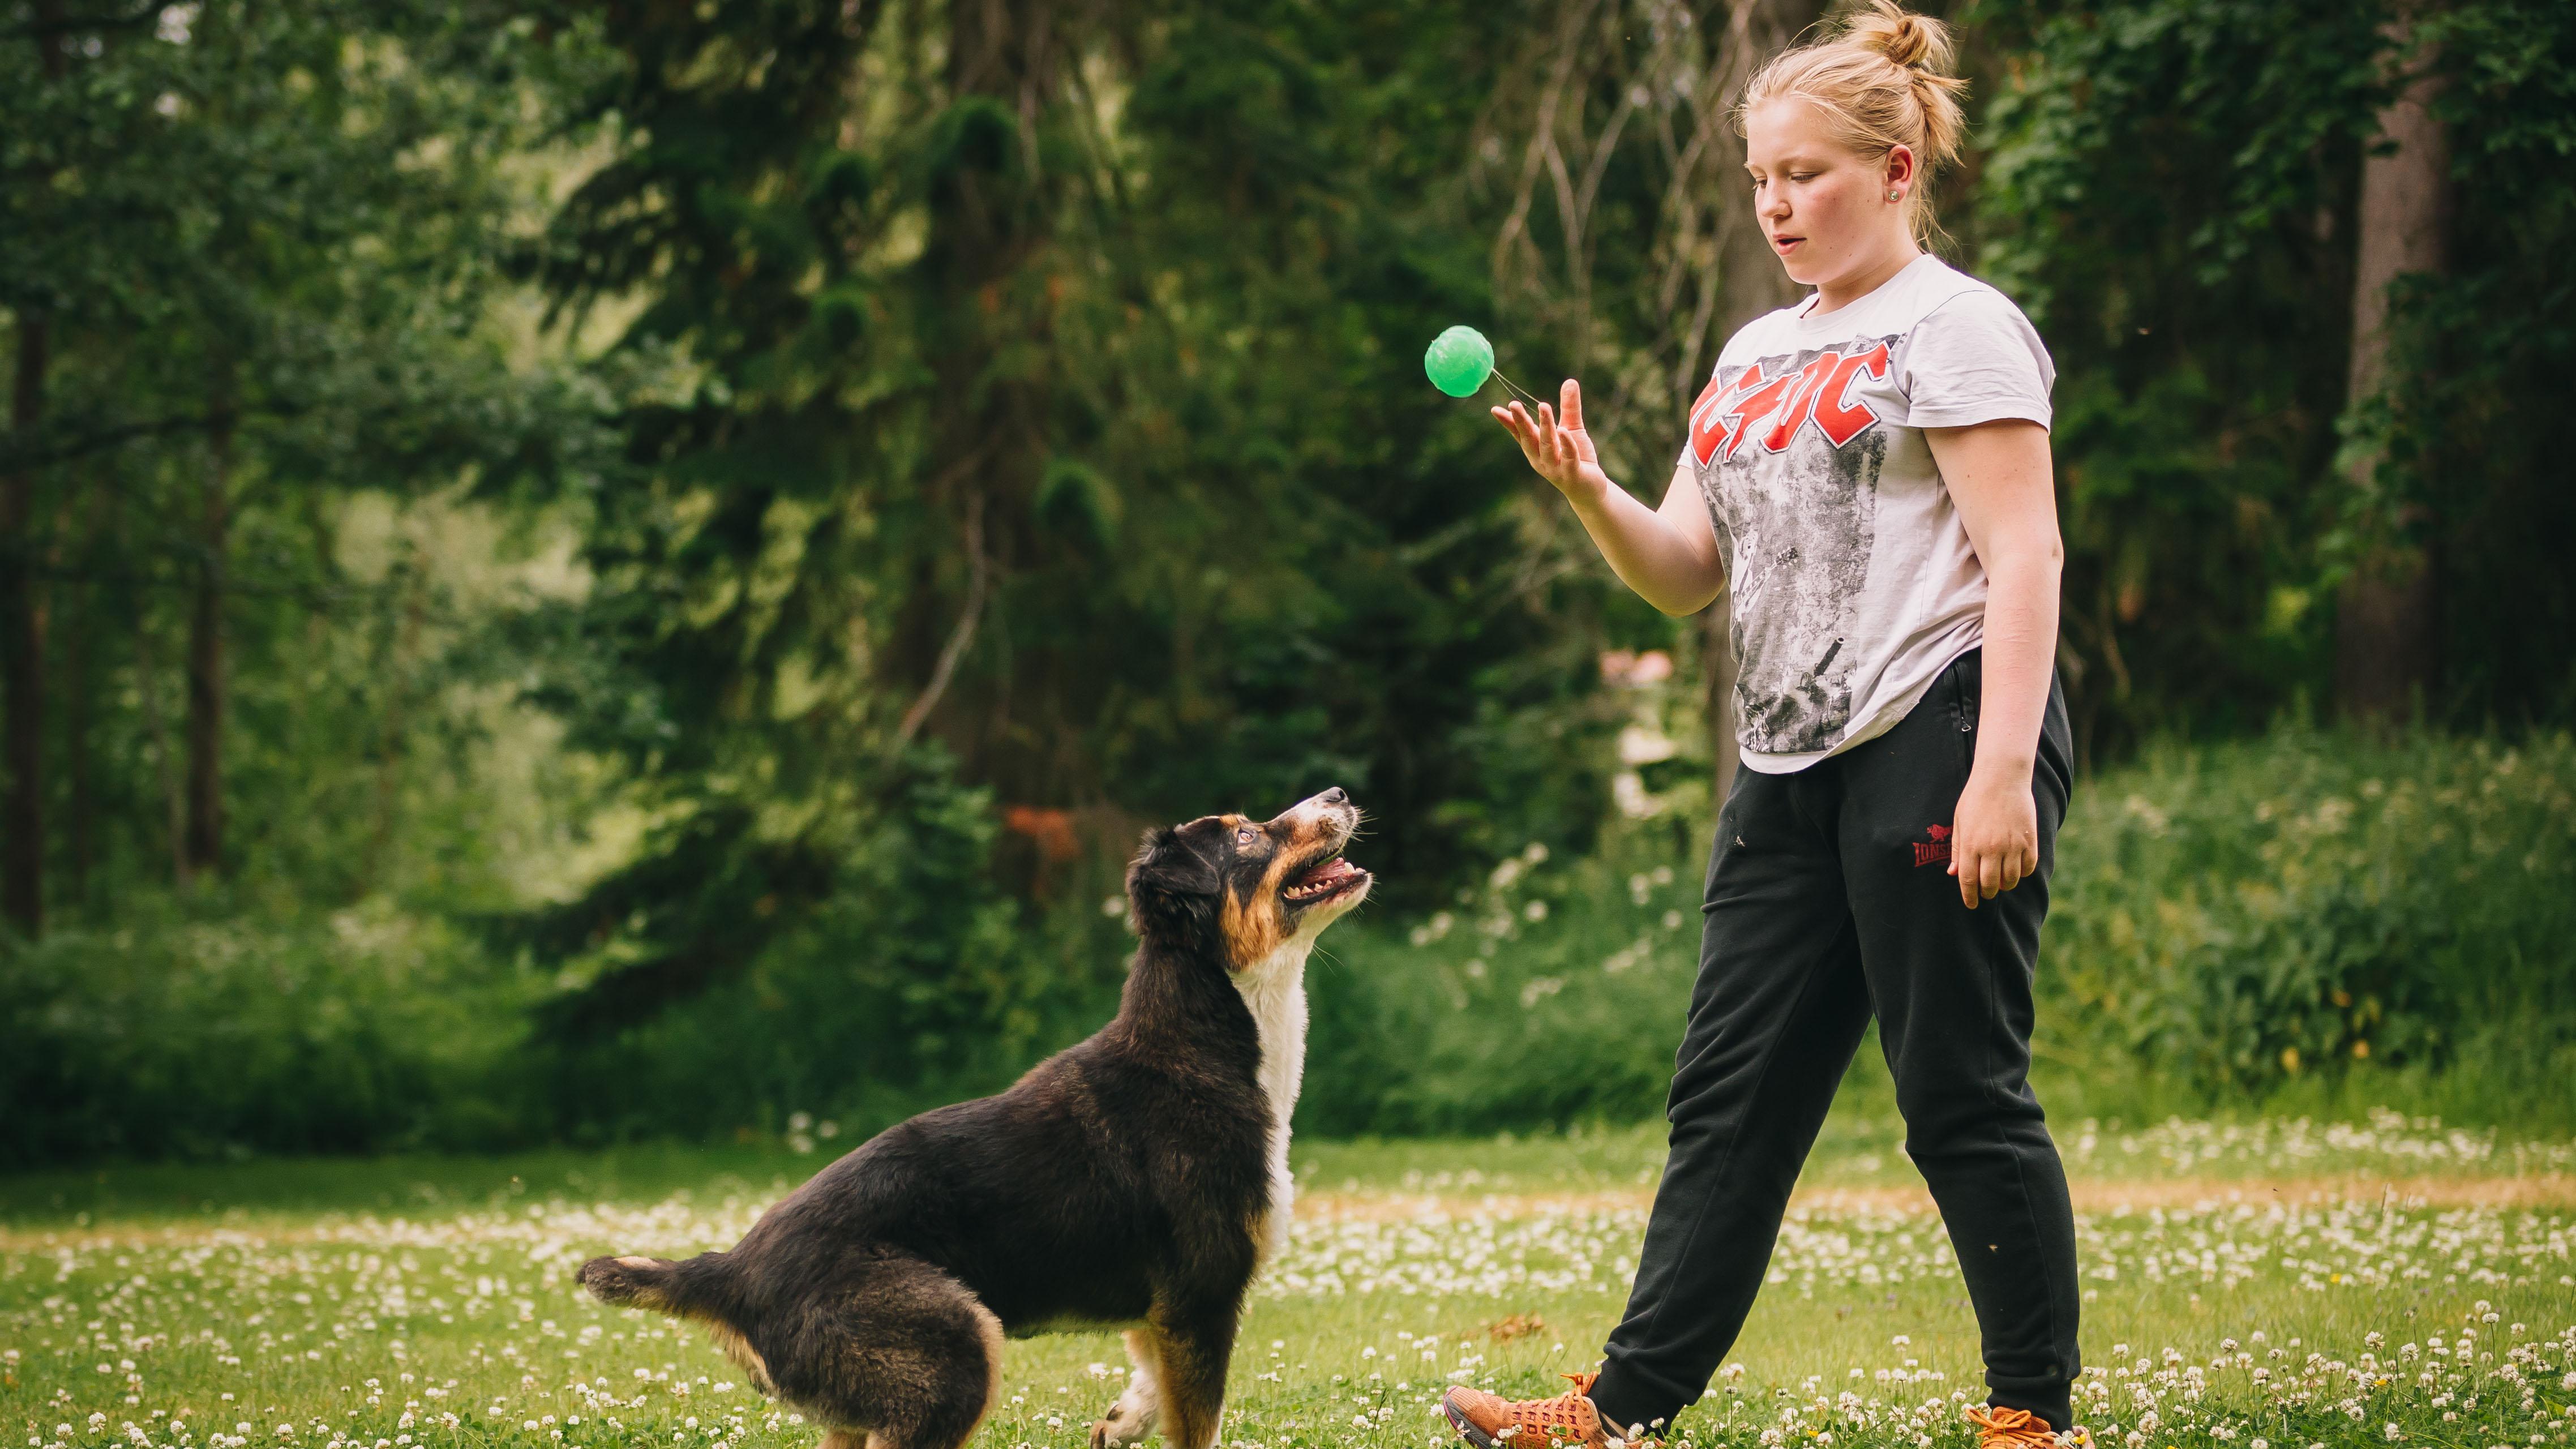 Aamu tiesi jo yläasteella, että hänestä tulee eläintenhoitaja ja rakkaasta harrastuksesta työ. Maaliskuussa hän valmistui 19-vuotiaana unelma-ammattiinsa.